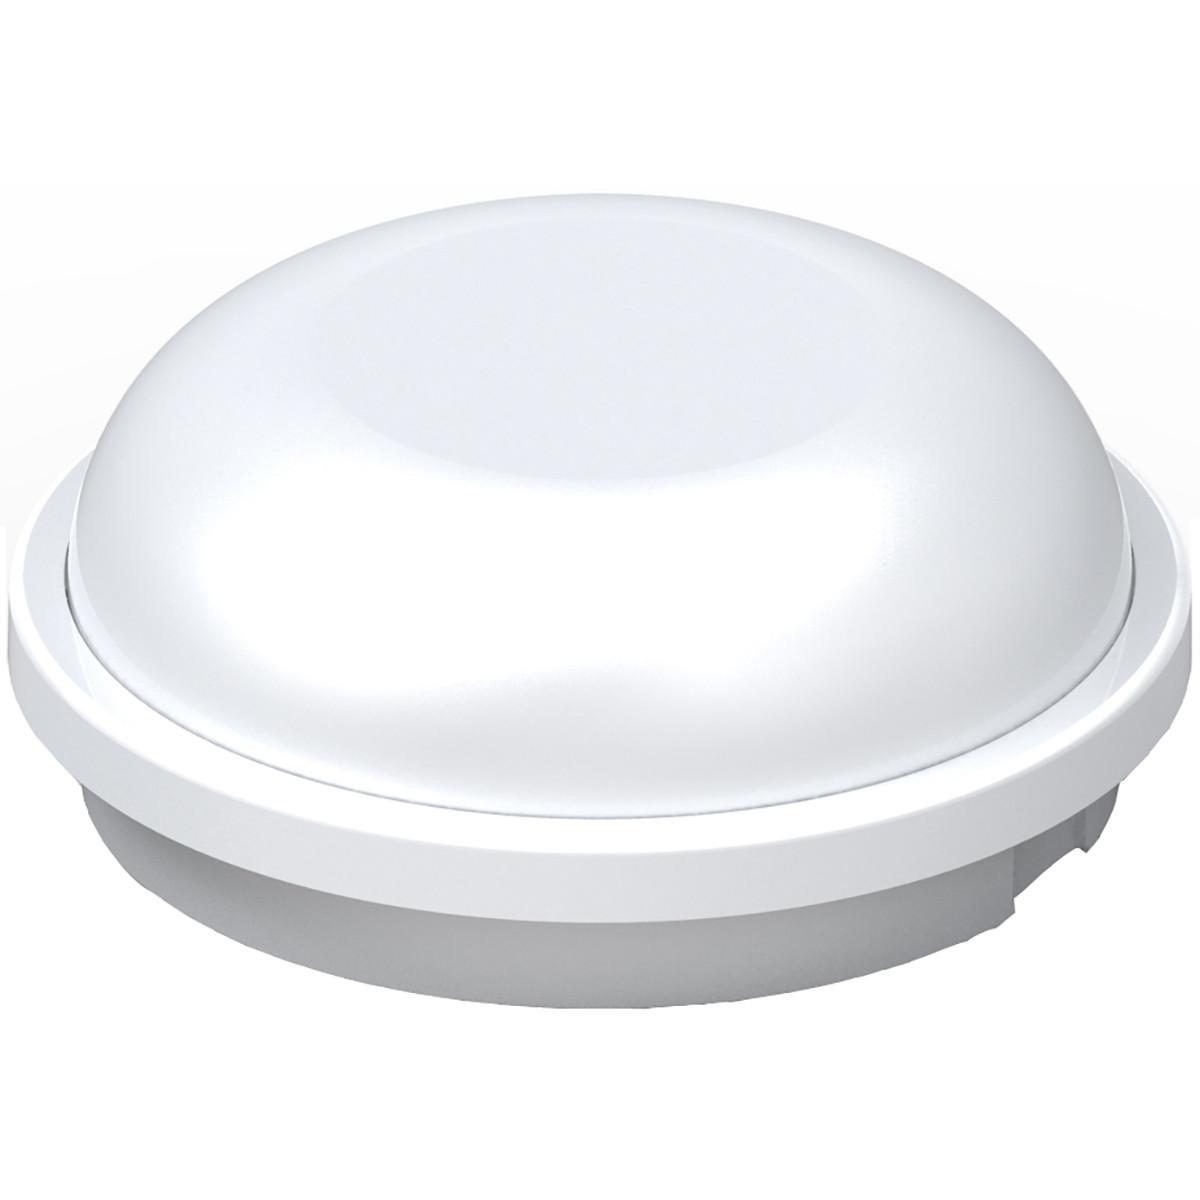 LED Plafondlamp - Artony - Opbouw Rond - Waterdicht IP65 - Natuurlijk Wit 4200K - Mat Wit Kunststof